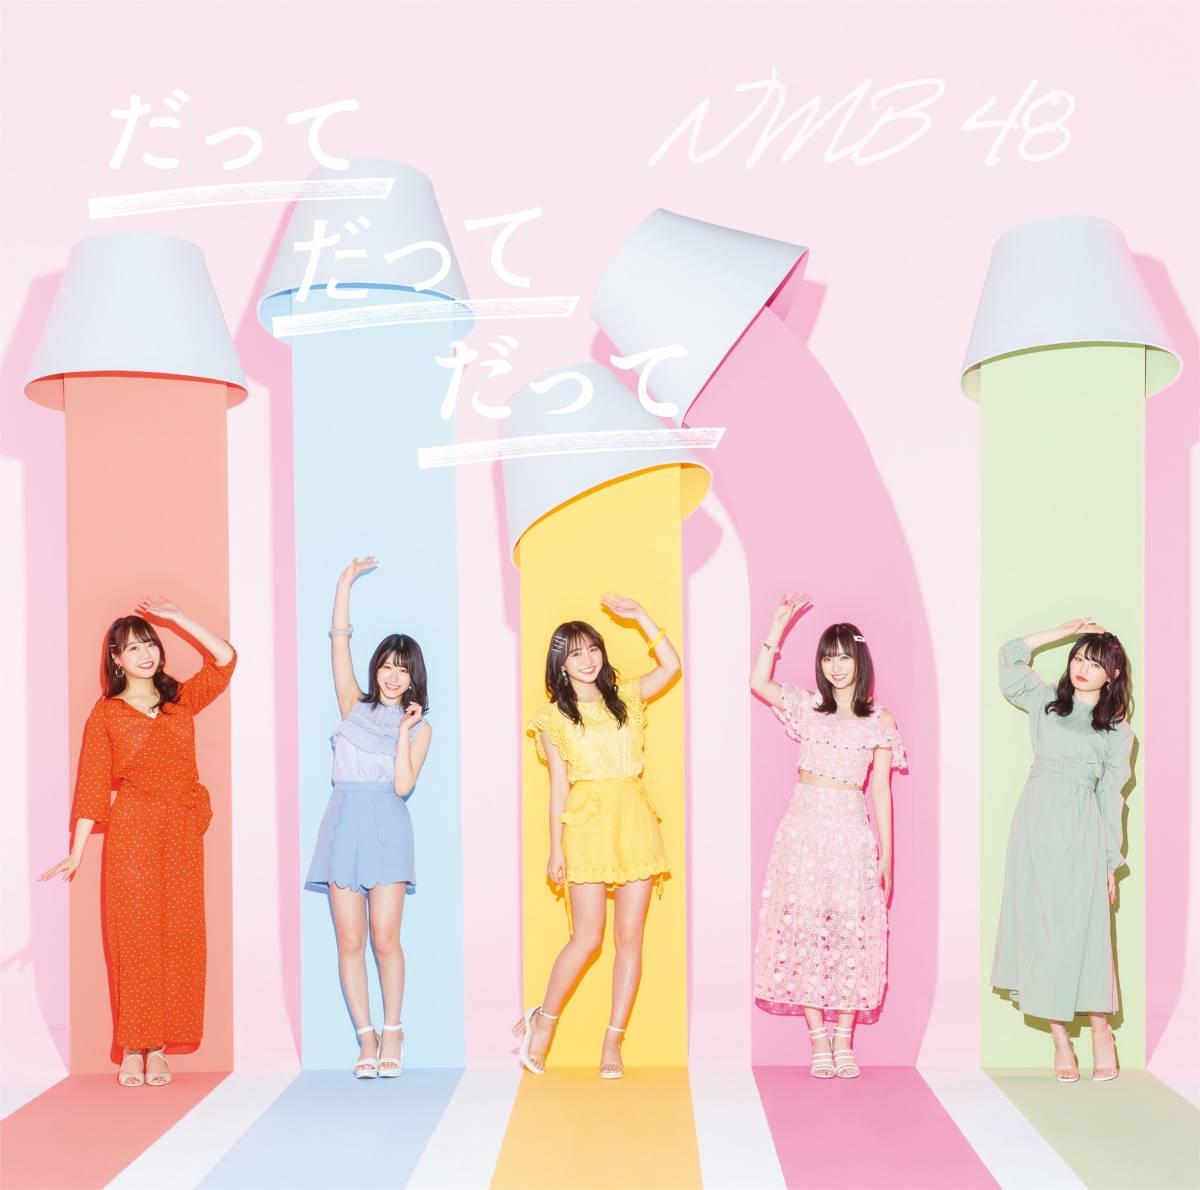 『NMB48 - 青春はブラスバンド 歌詞』収録の『だってだってだって』ジャケット